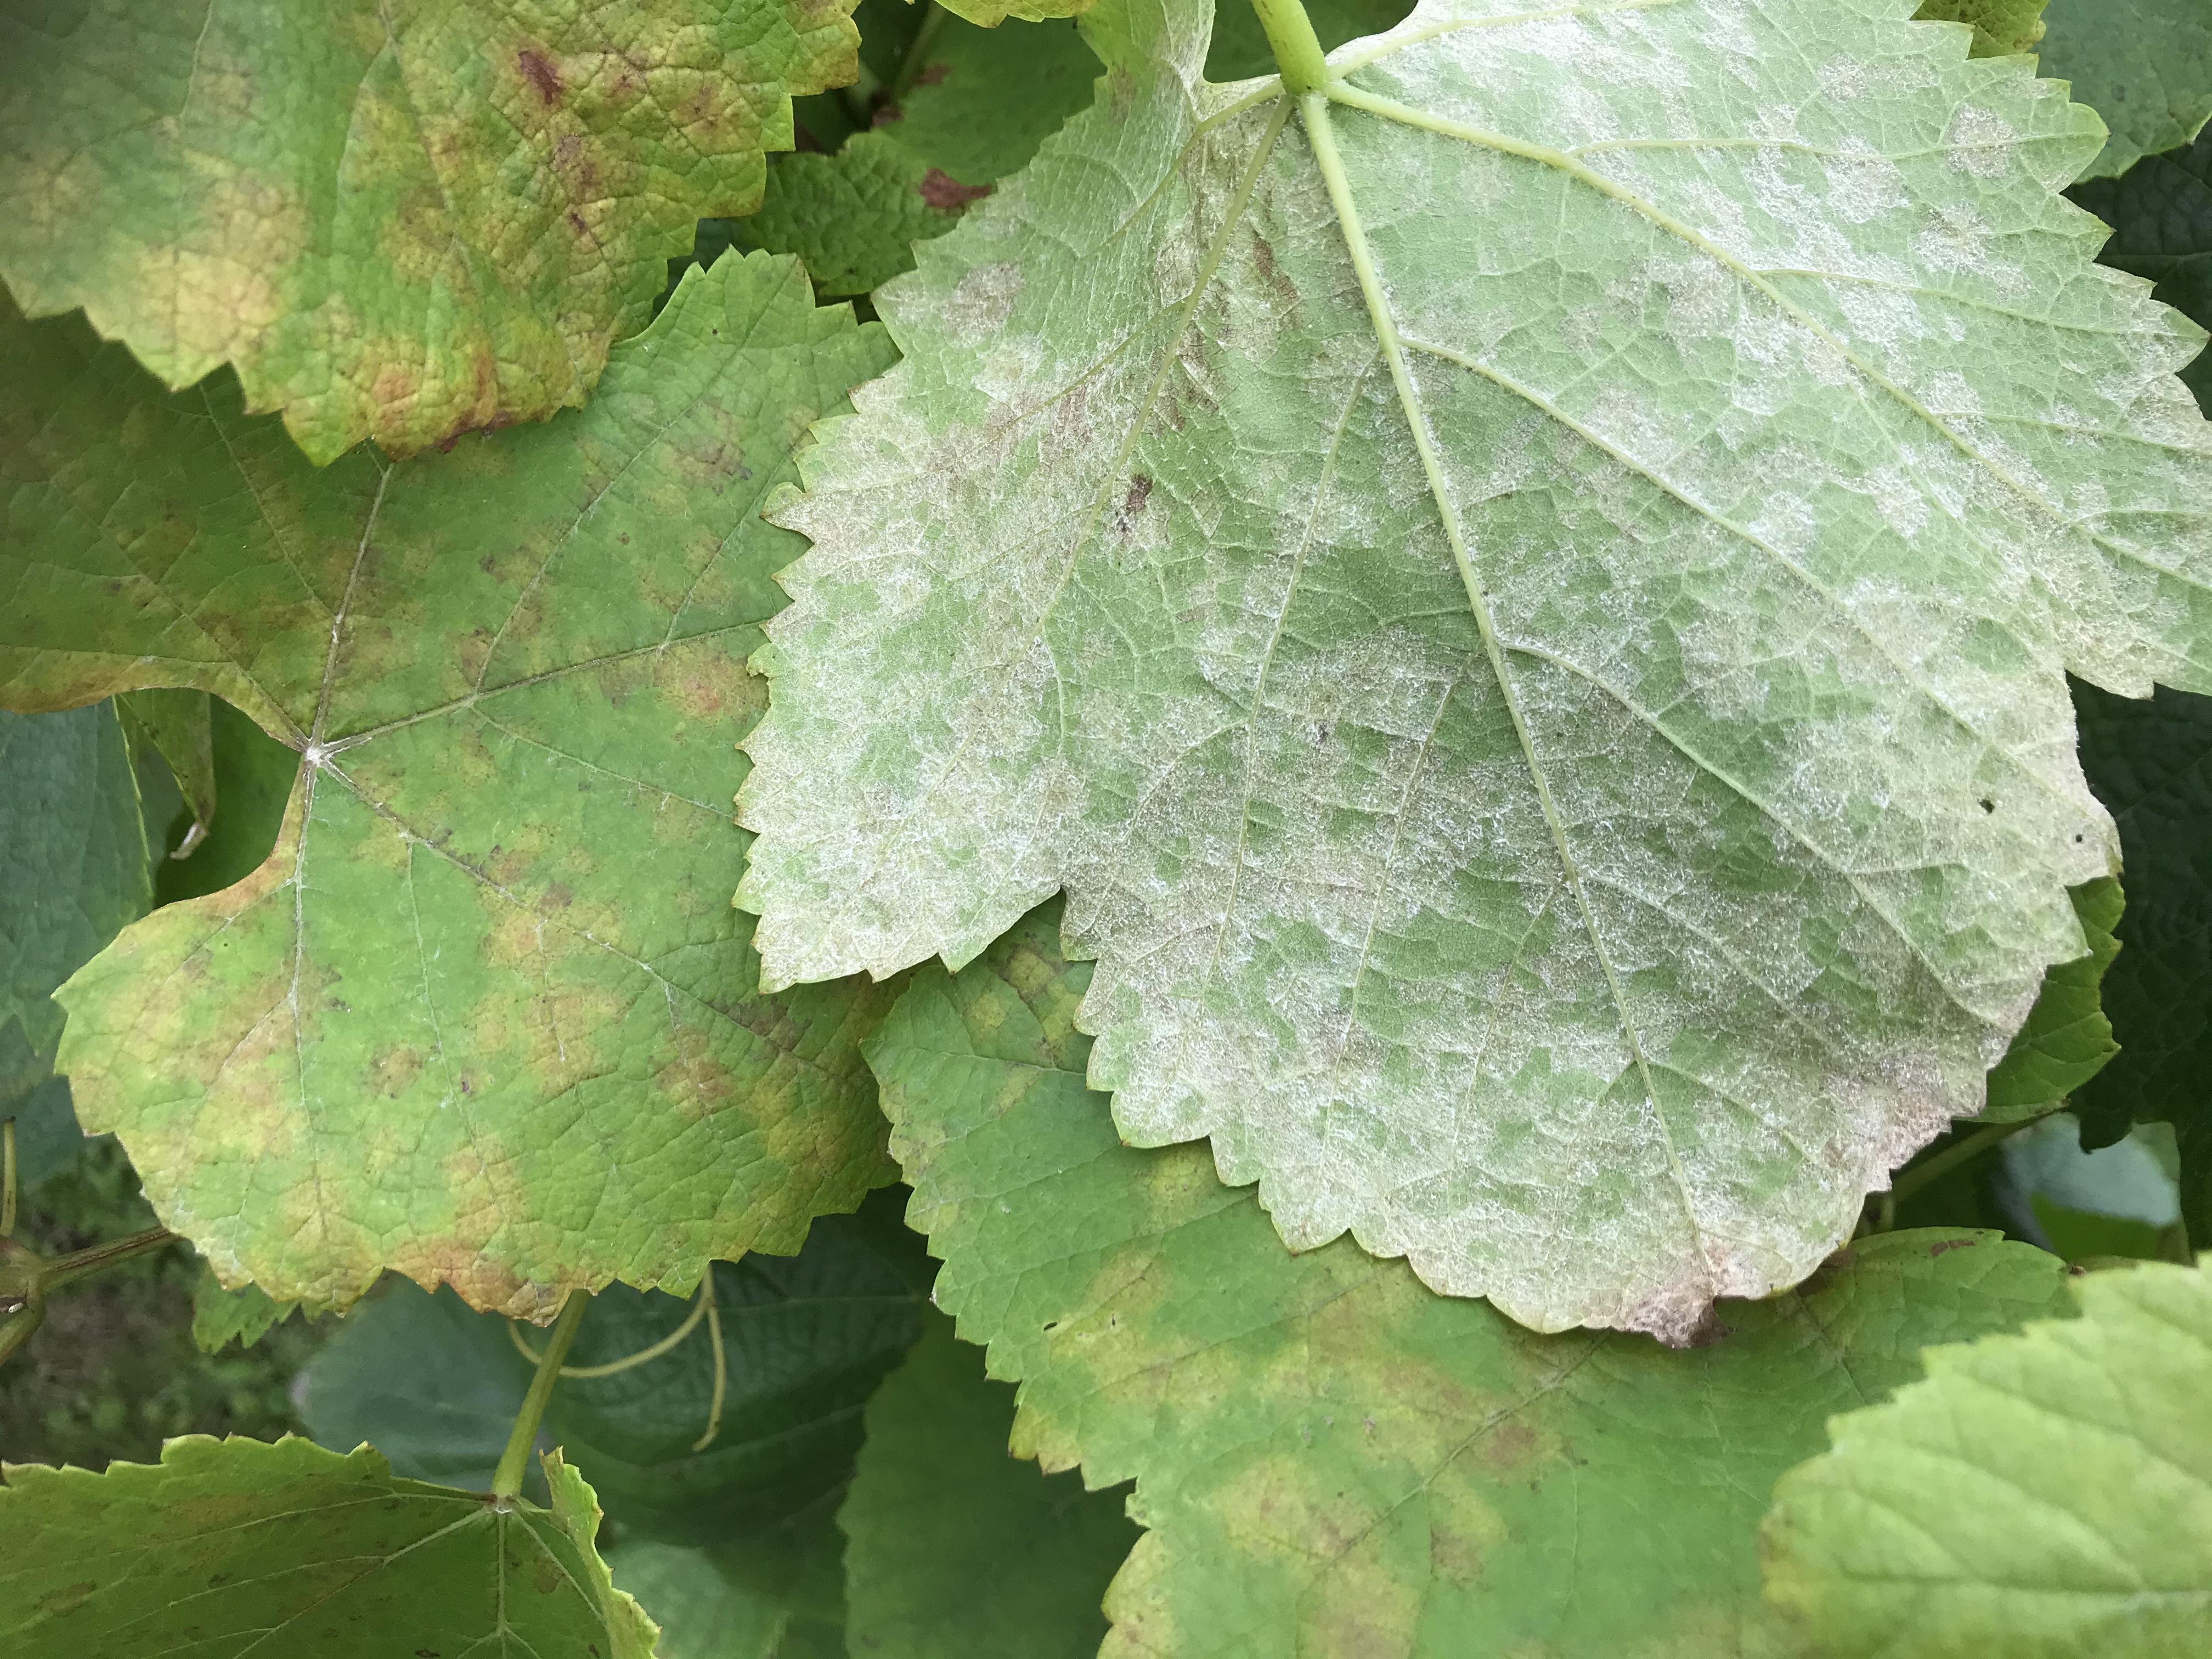 Mener det er vinskimmel, når belægning afgrænses af bladnerver!